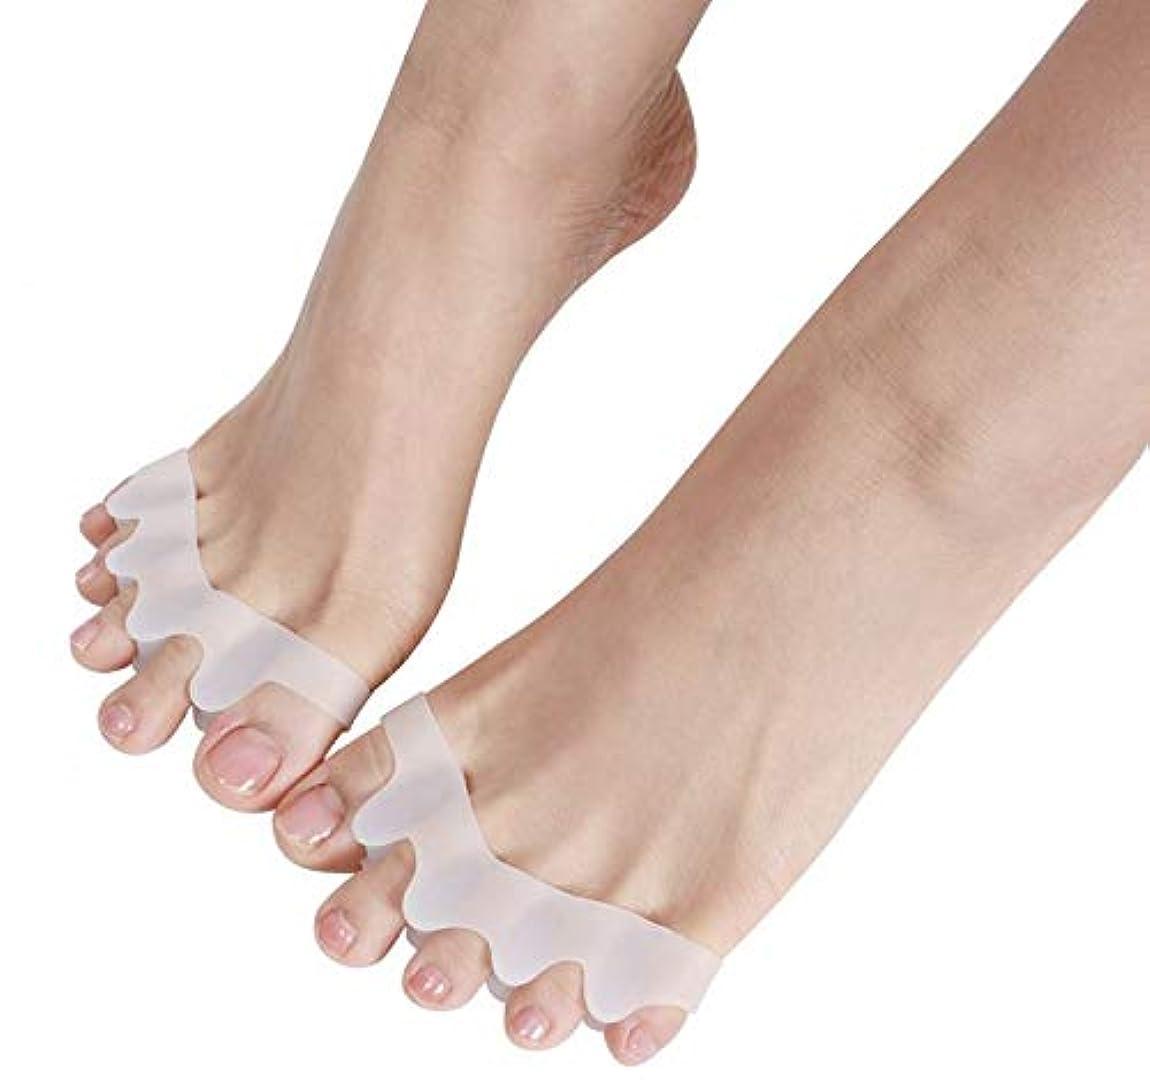 爆発物あいまいな弱いlucrubun 足の痛みの対策 ちゃんとしてますか。 足指矯正パッド 外反母趾 足のゆがみ 男女性兼用 シリコンサポーター 両足セット 足の痛み対策に 足指矯正シリコンサポーター 外反母趾の矯正にも効果的 男女兼用 洗...